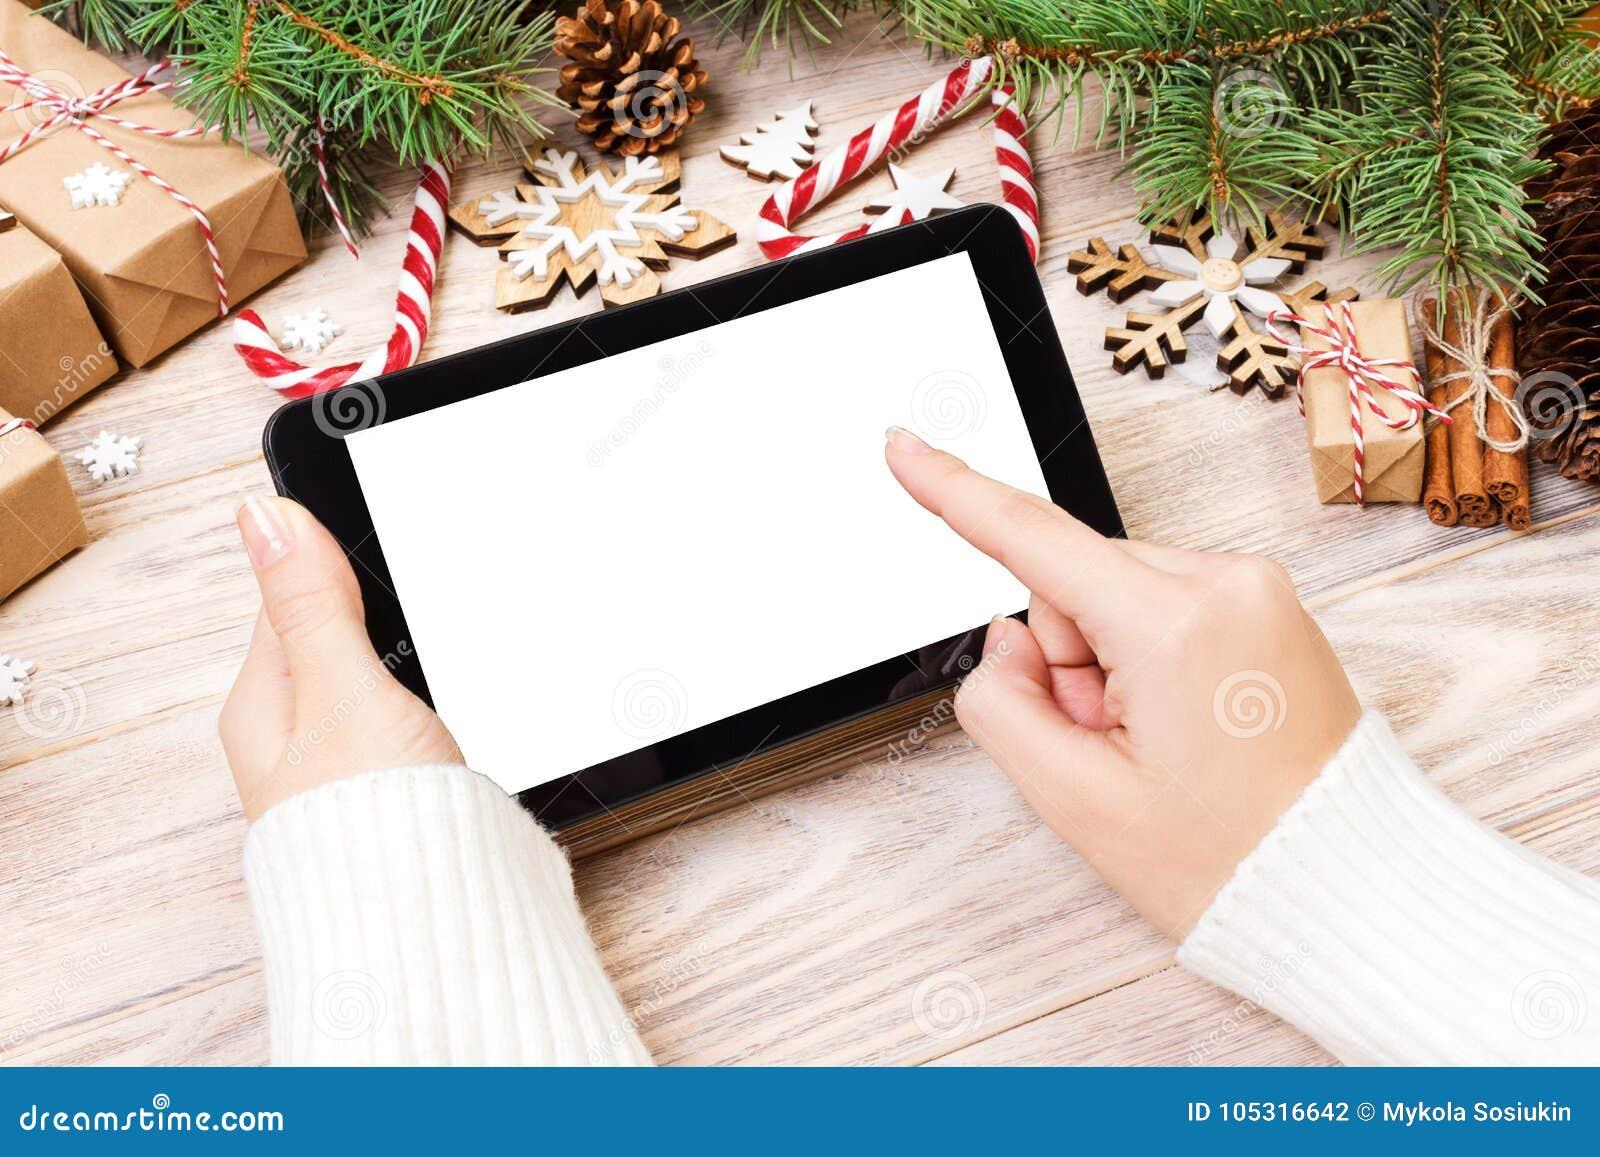 Tablet pc nas mãos da menina o tablet pc com caixa de presente, os doces do Natal e abeto vermelhos ramifica Espaço livre para o